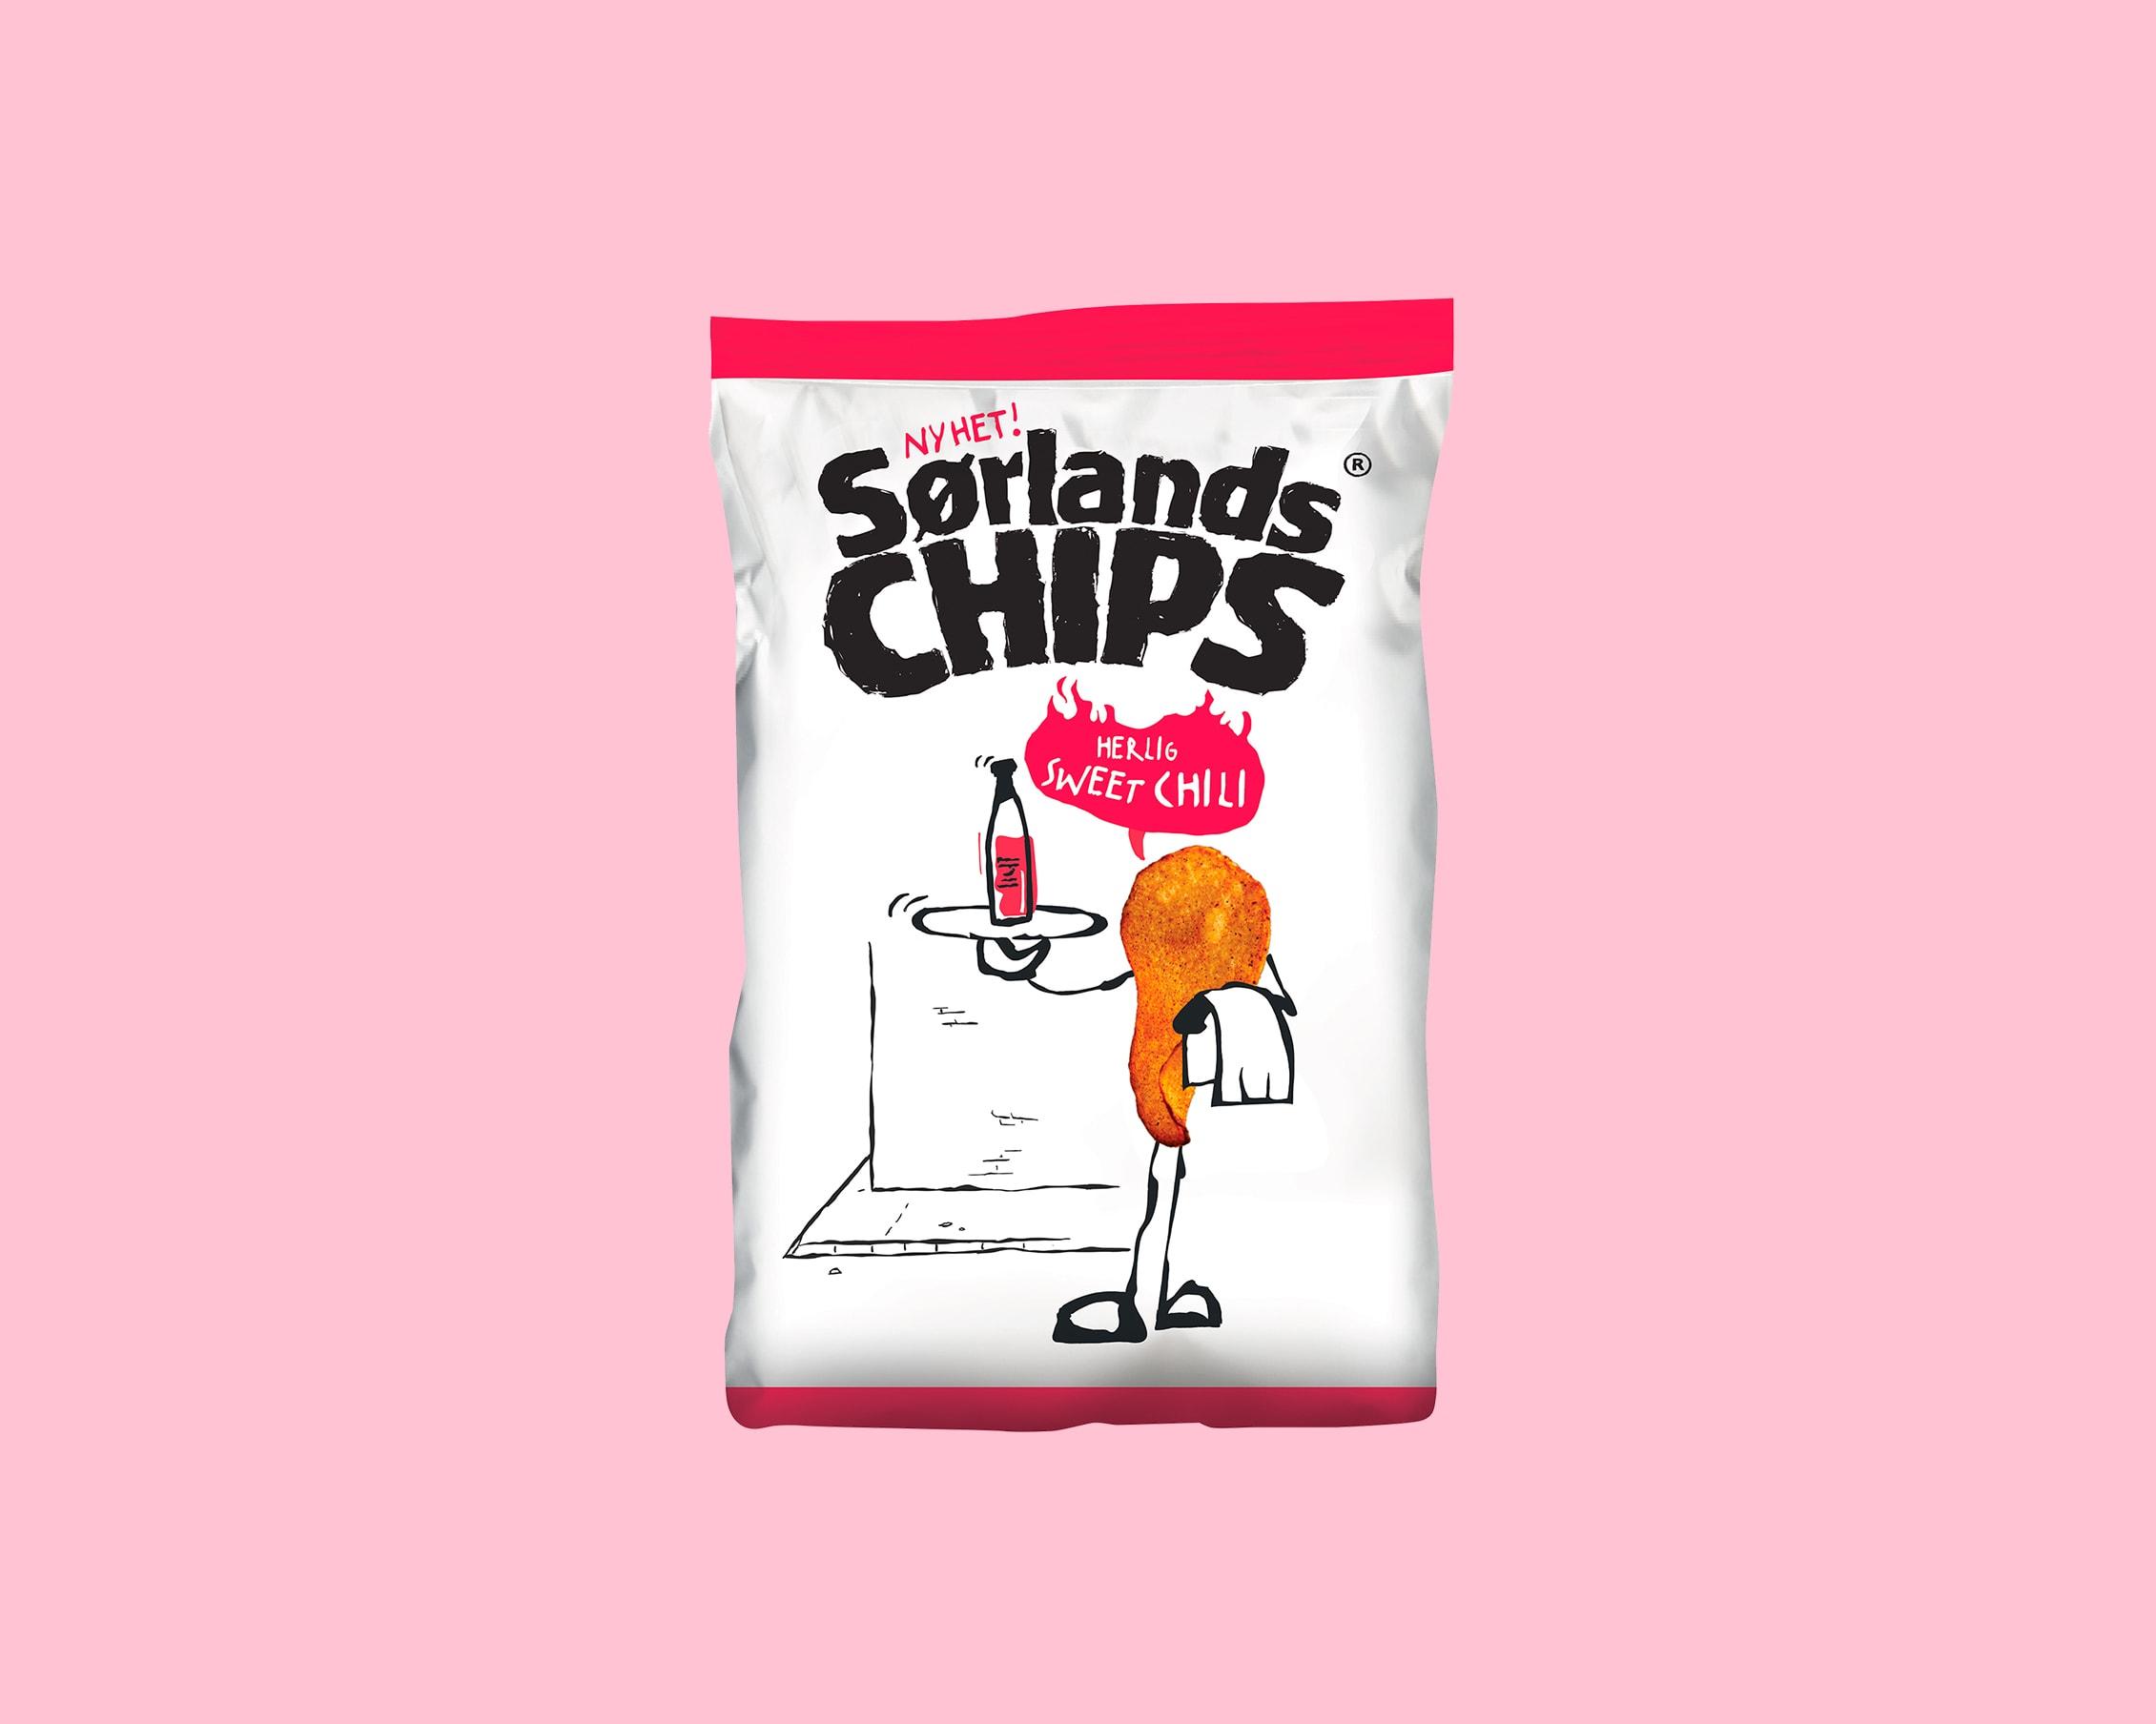 Veslemøy Vråskar – Sørlandschips emballasje